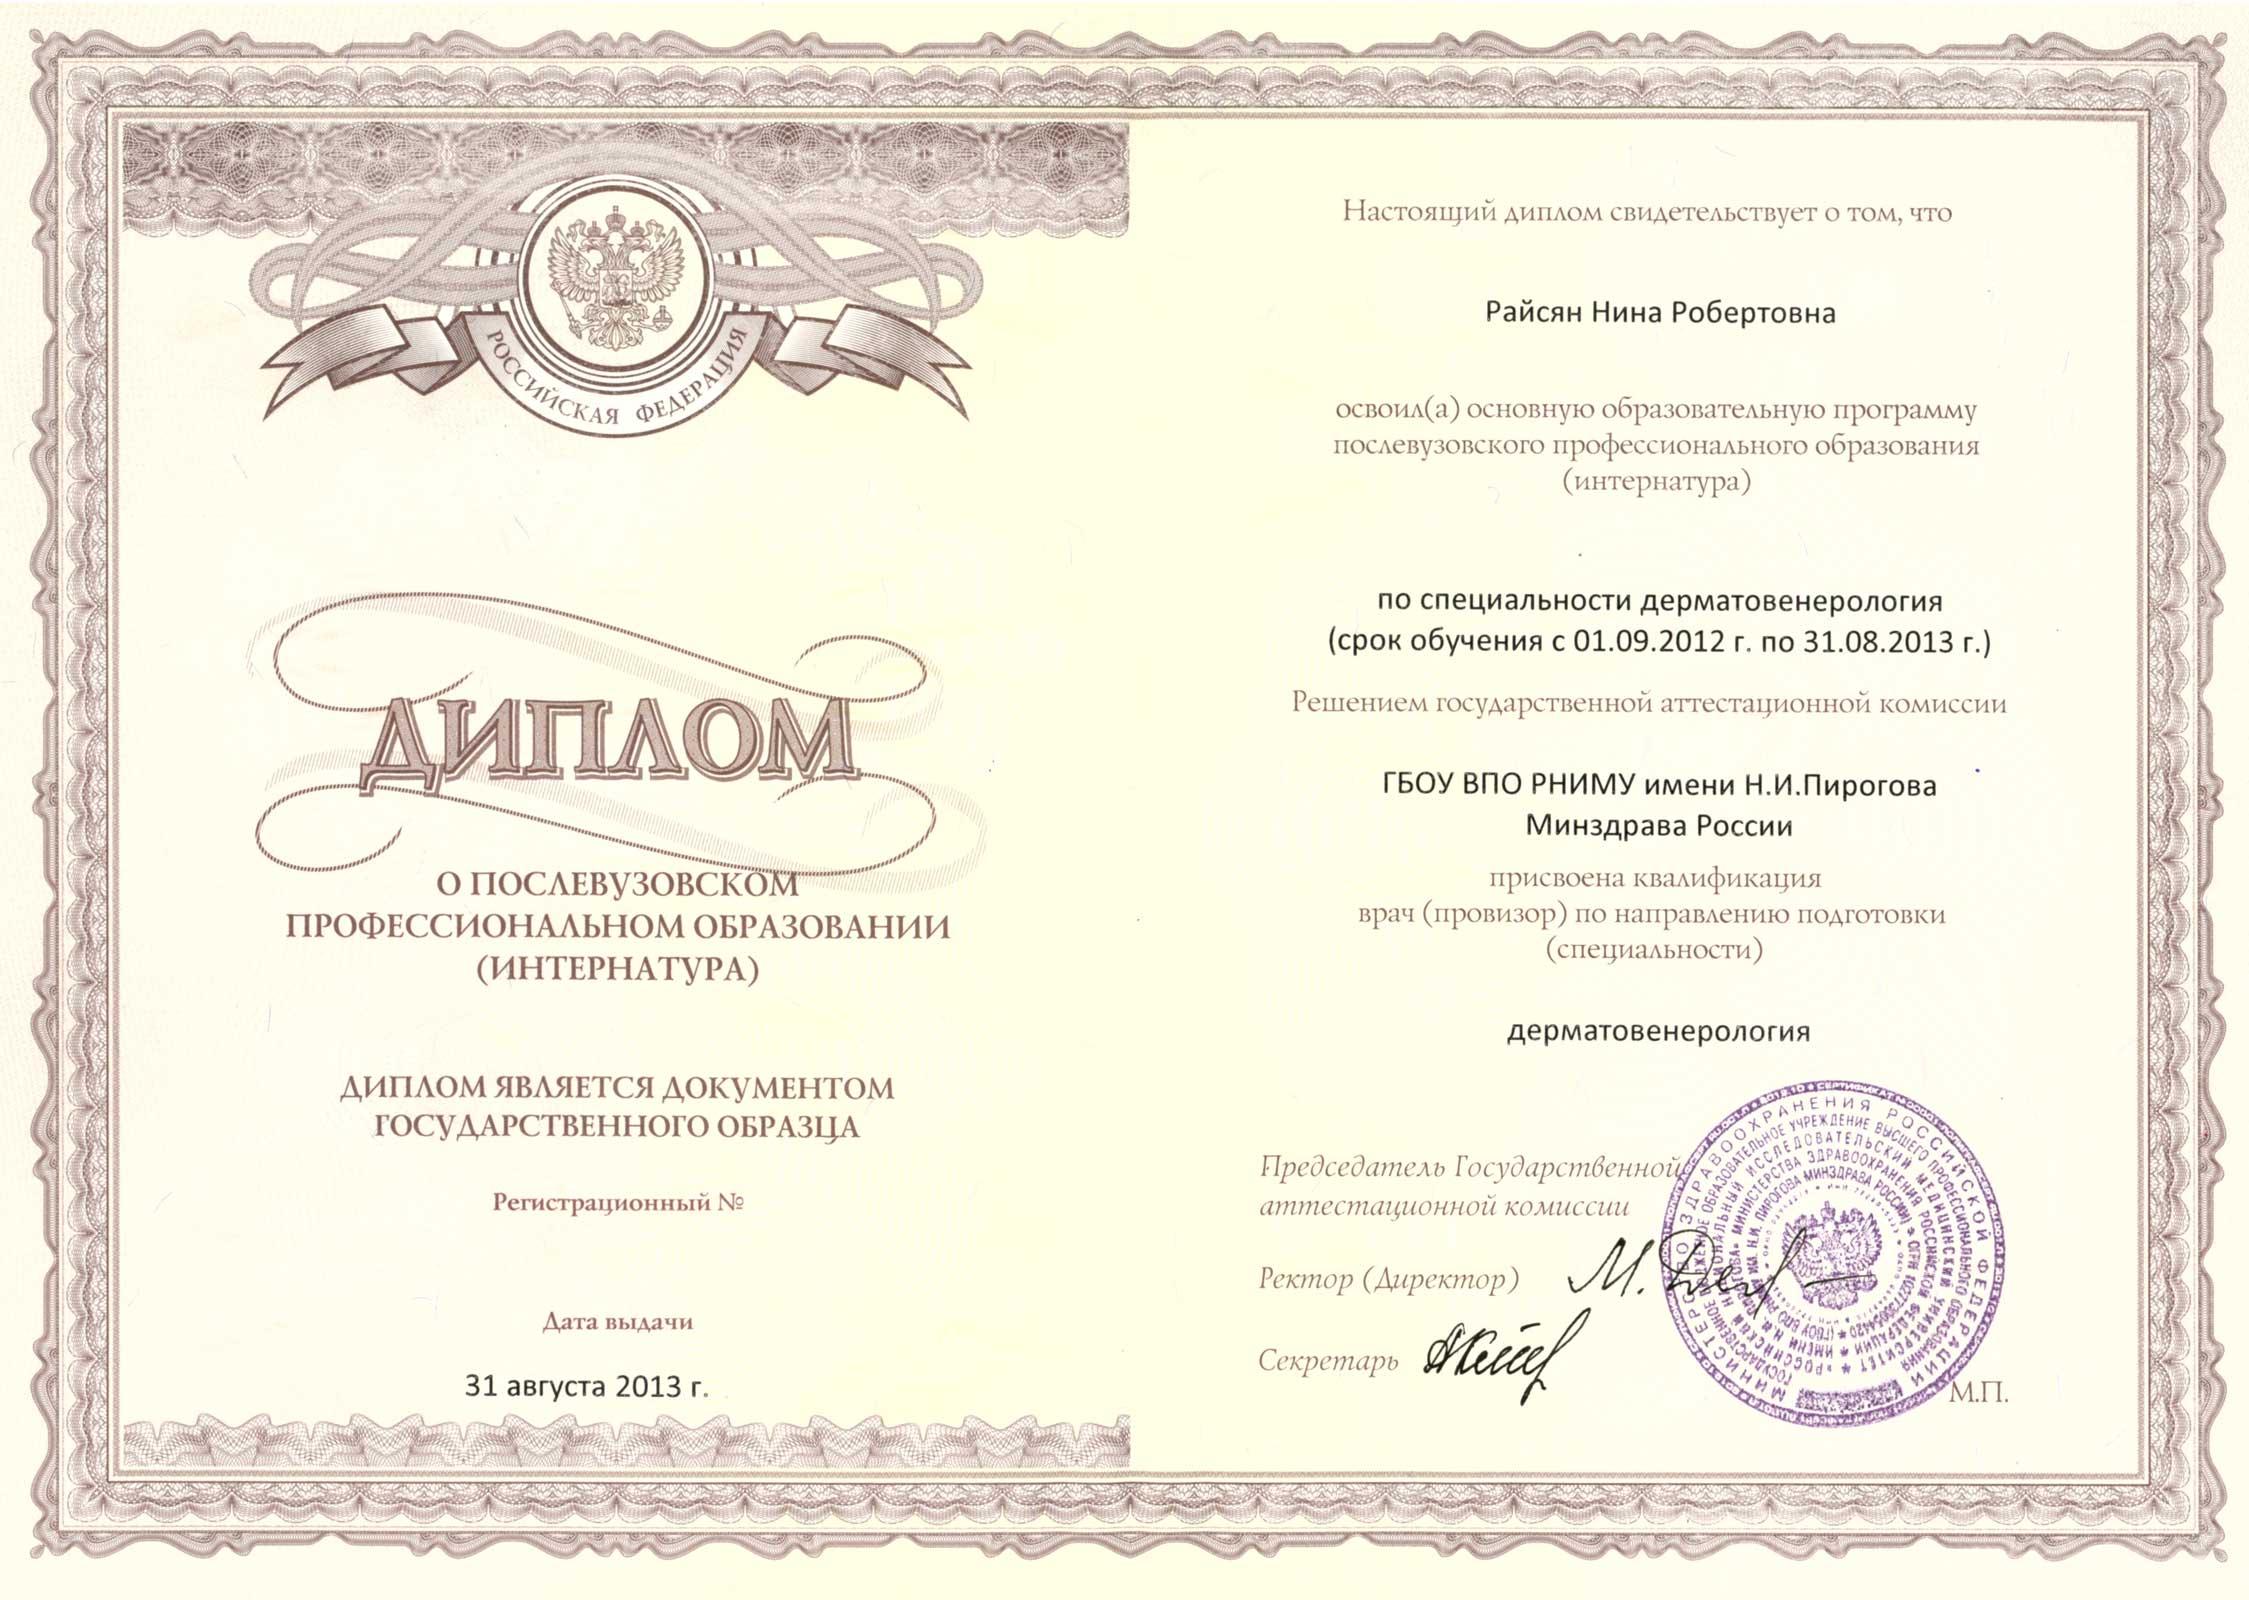 Диплом врача дерматолога трихолога интернатура Райсян Н.Р